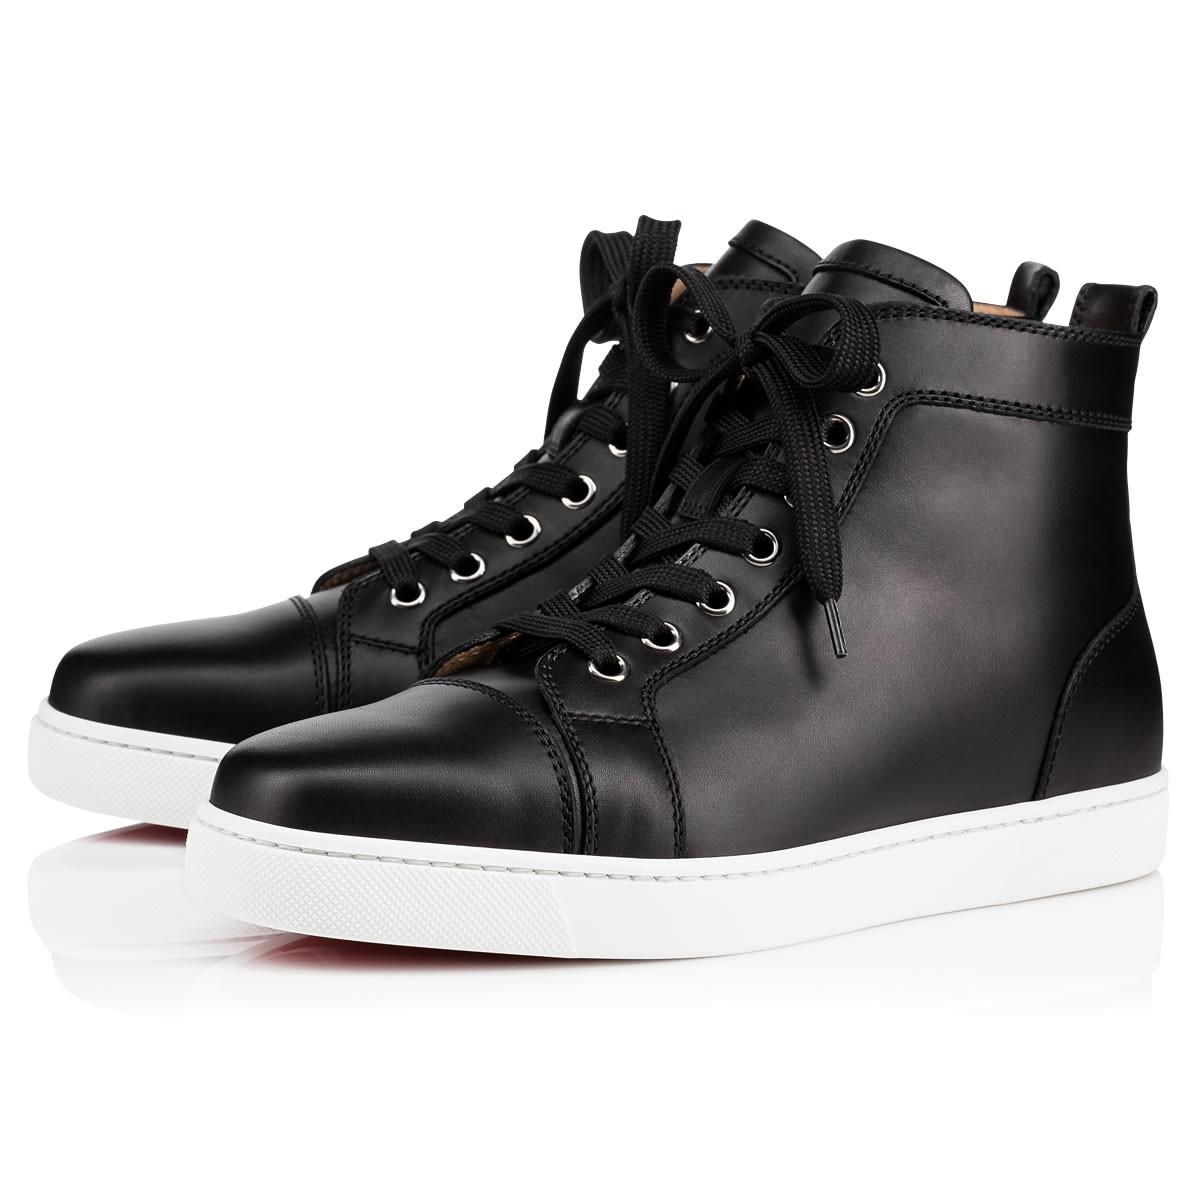 LOUIS WOMAN CALF Black Calfskin - Women Shoes - Christian ... b098e03d9d